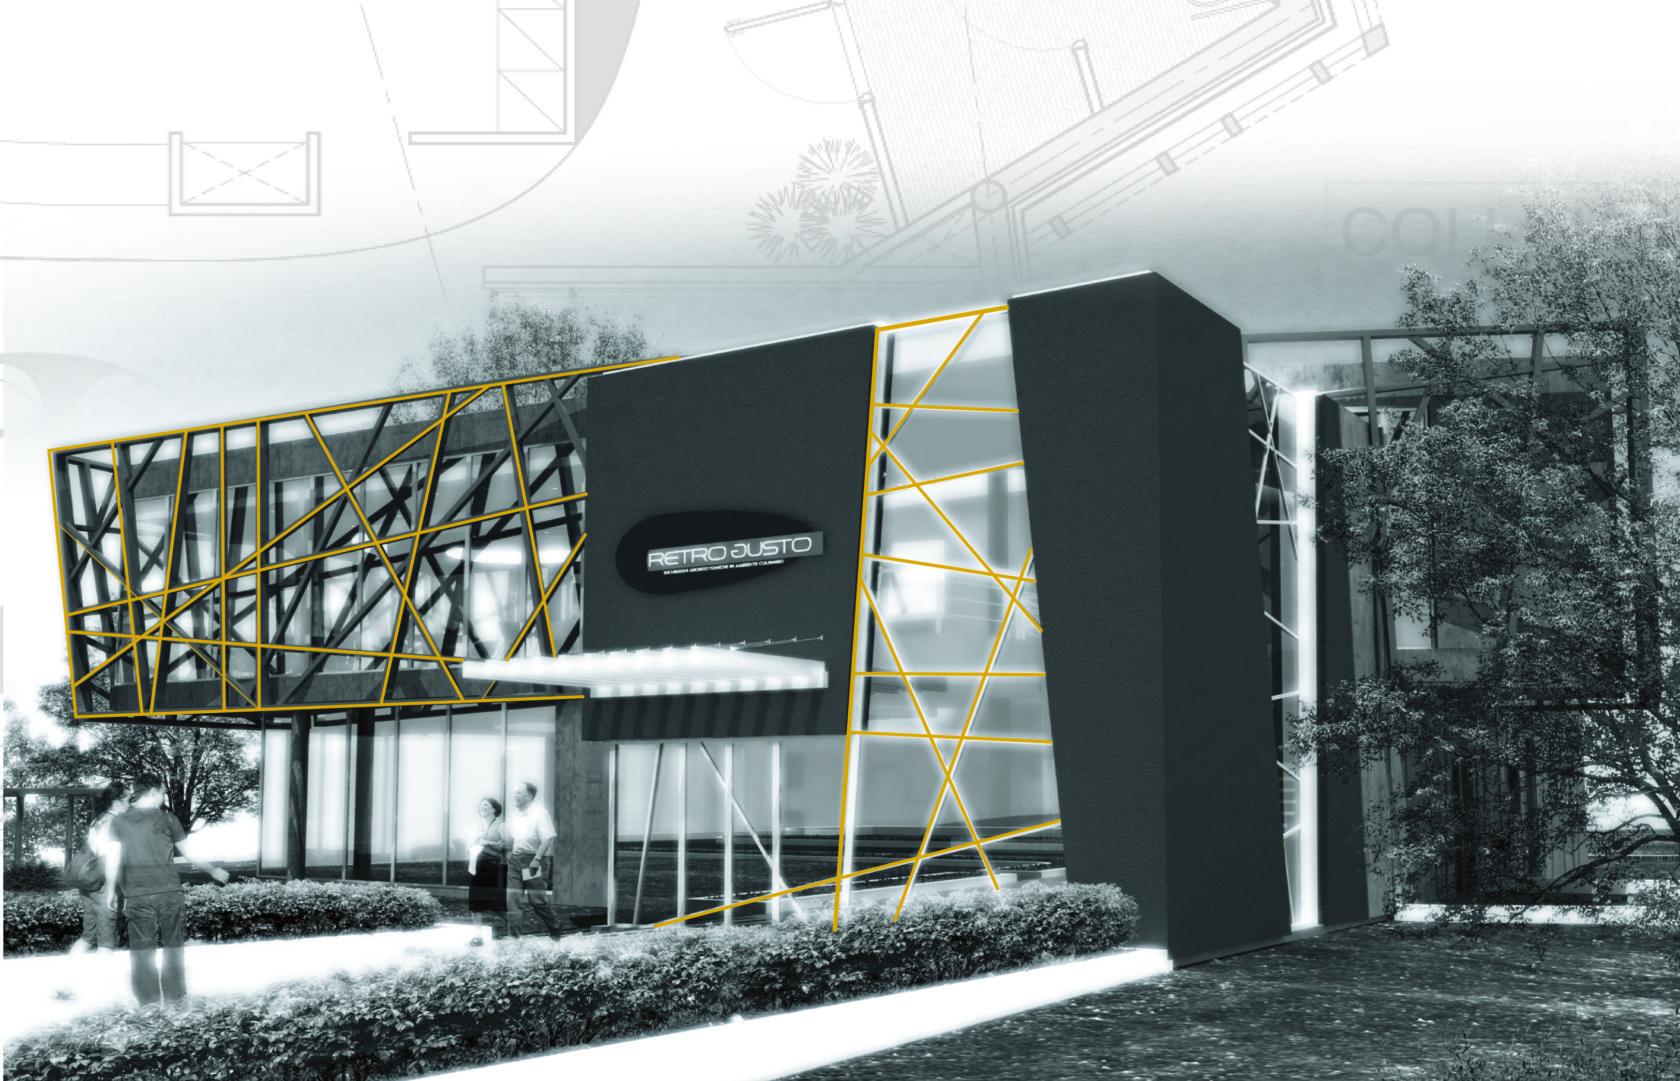 Studio Tecnico Area Nova Larino, Architetto Francesca Di Palma